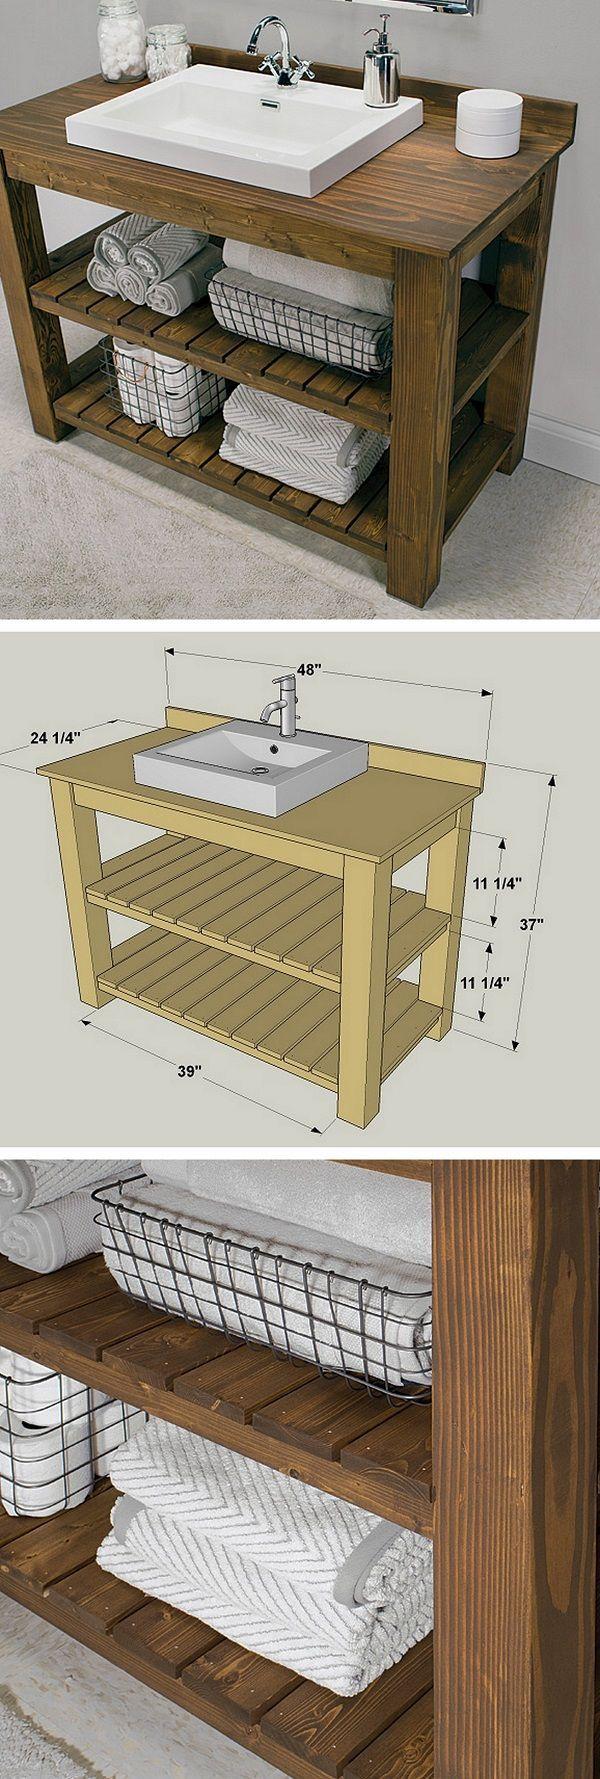 24 einfache DIY-Badezimmer-Eitelkeitspläne für eine schnelle Umgestaltung – DIY Home Decor Ideas @ ISD